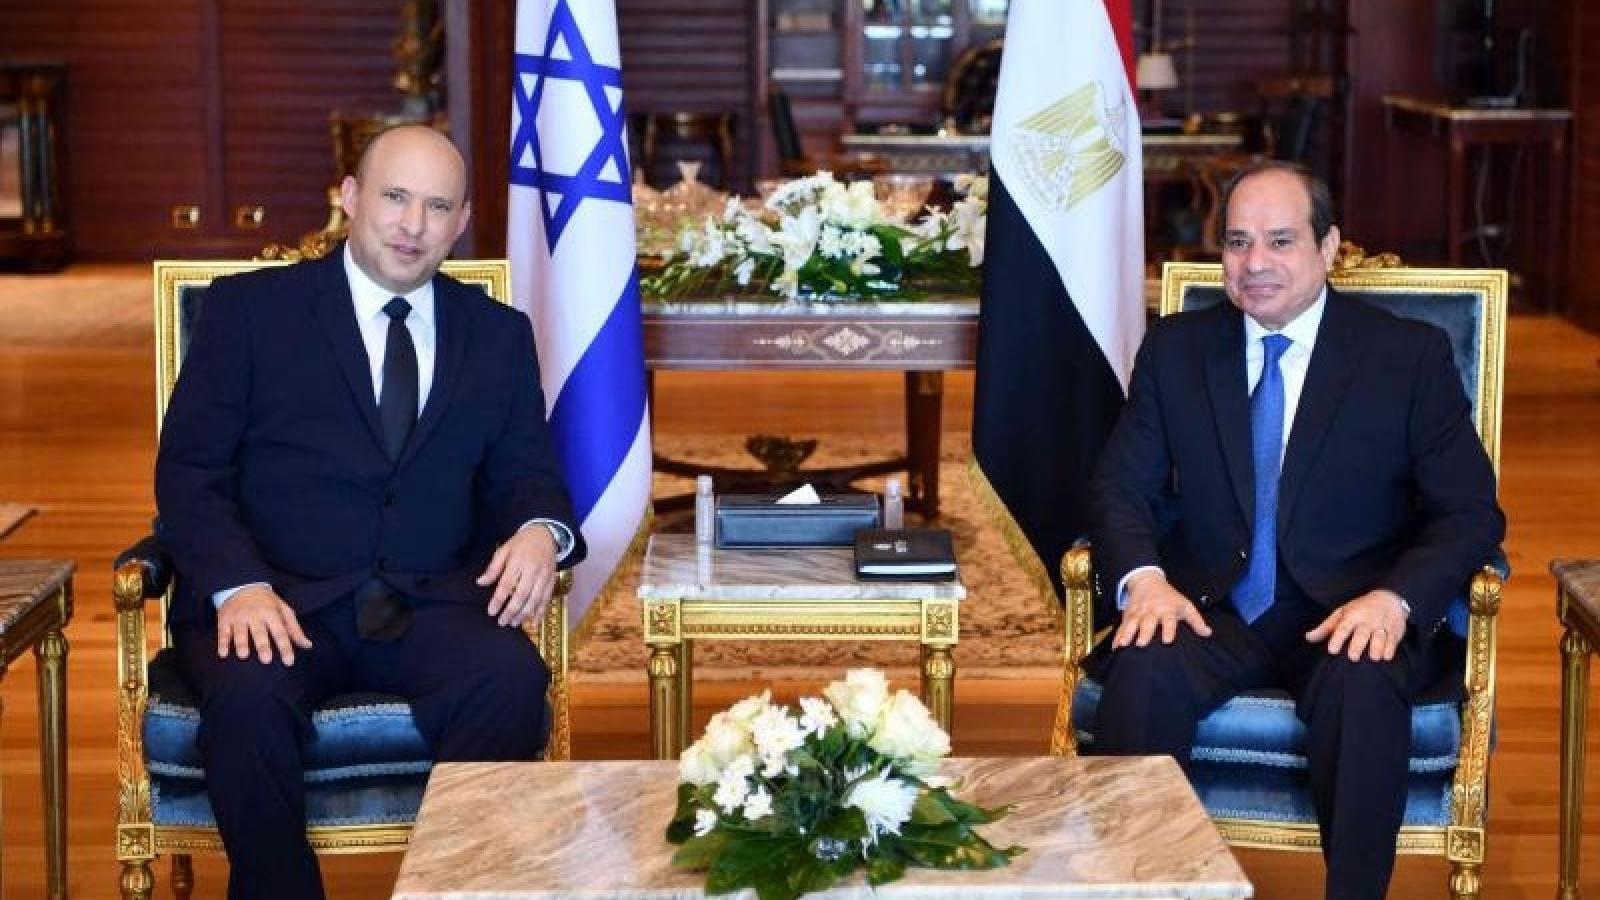 Ai Cập nhiều lần cố gắng hủy diệt Israel trước khi hòa giải với nhà nước Do Thái